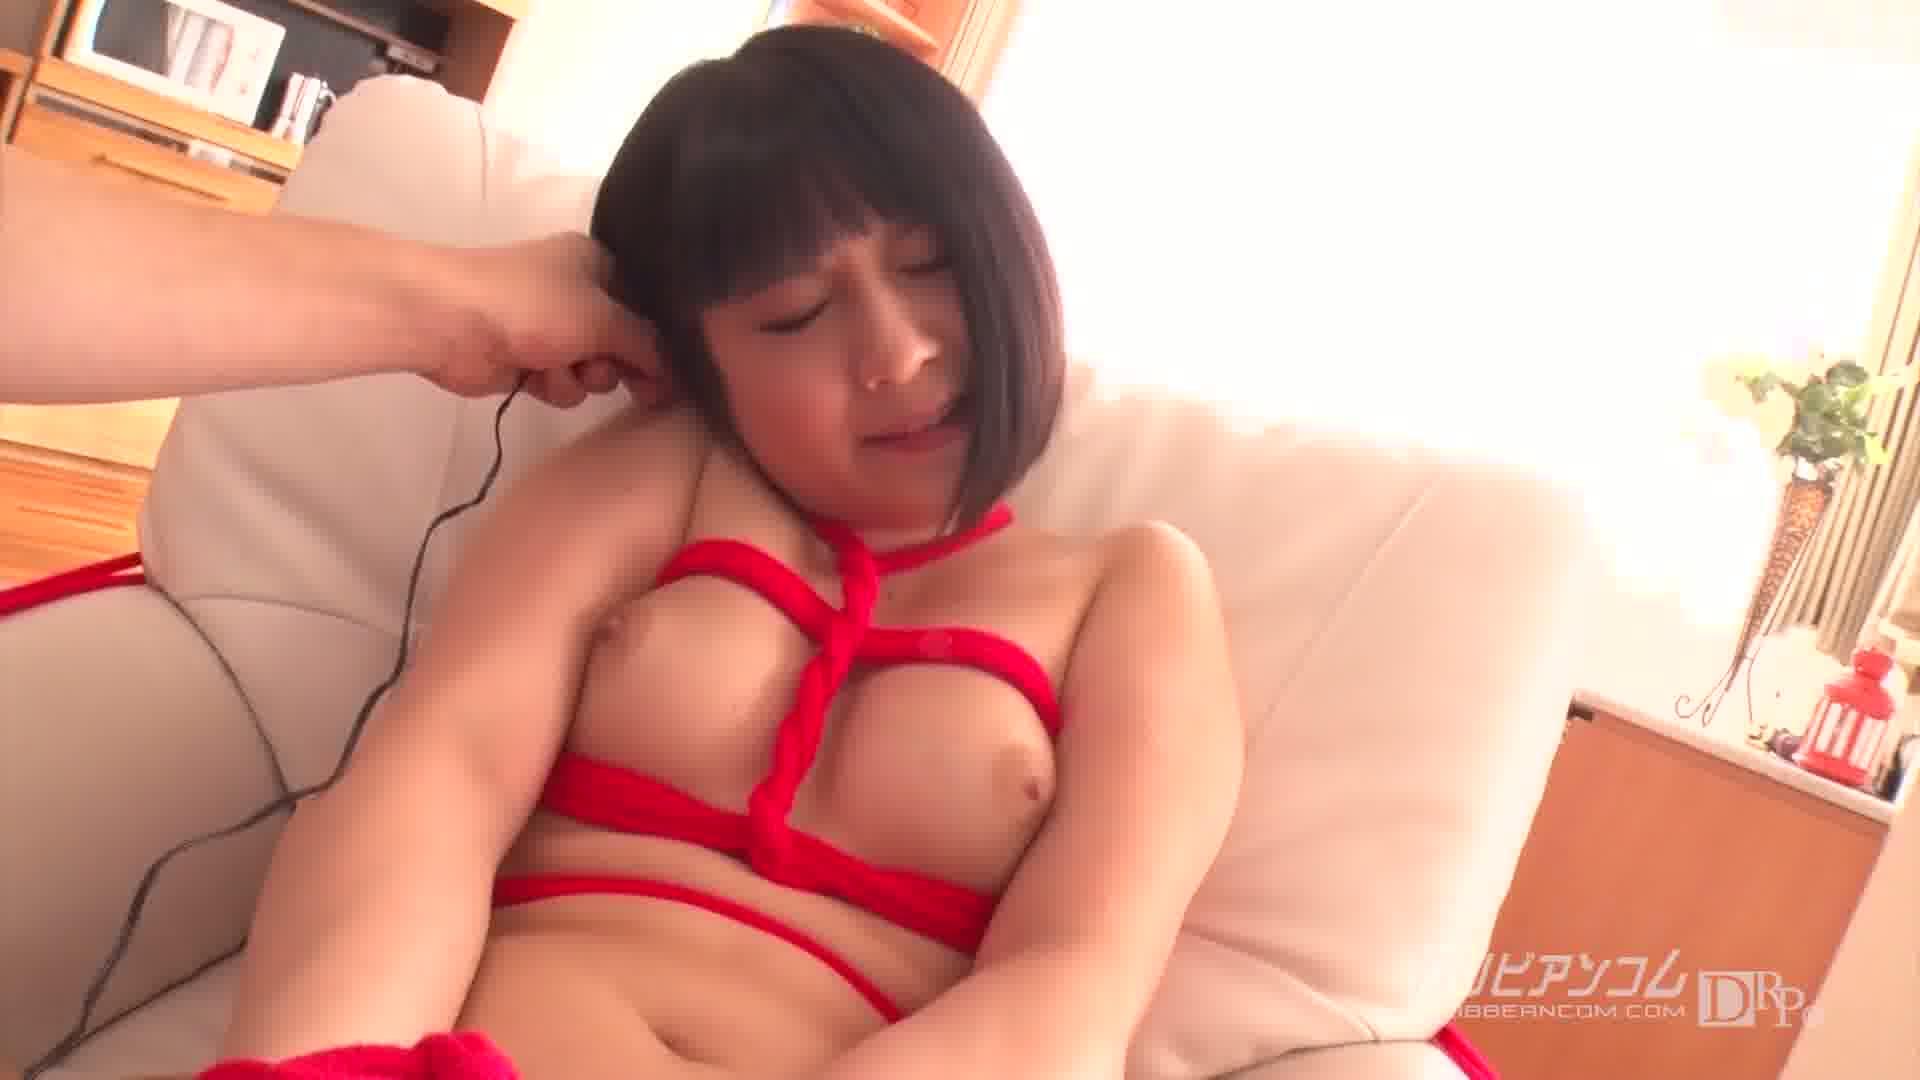 スカイエンジェル 199 パート 2 - 小泉まり【乱交・オナニー・ぶっかけ】